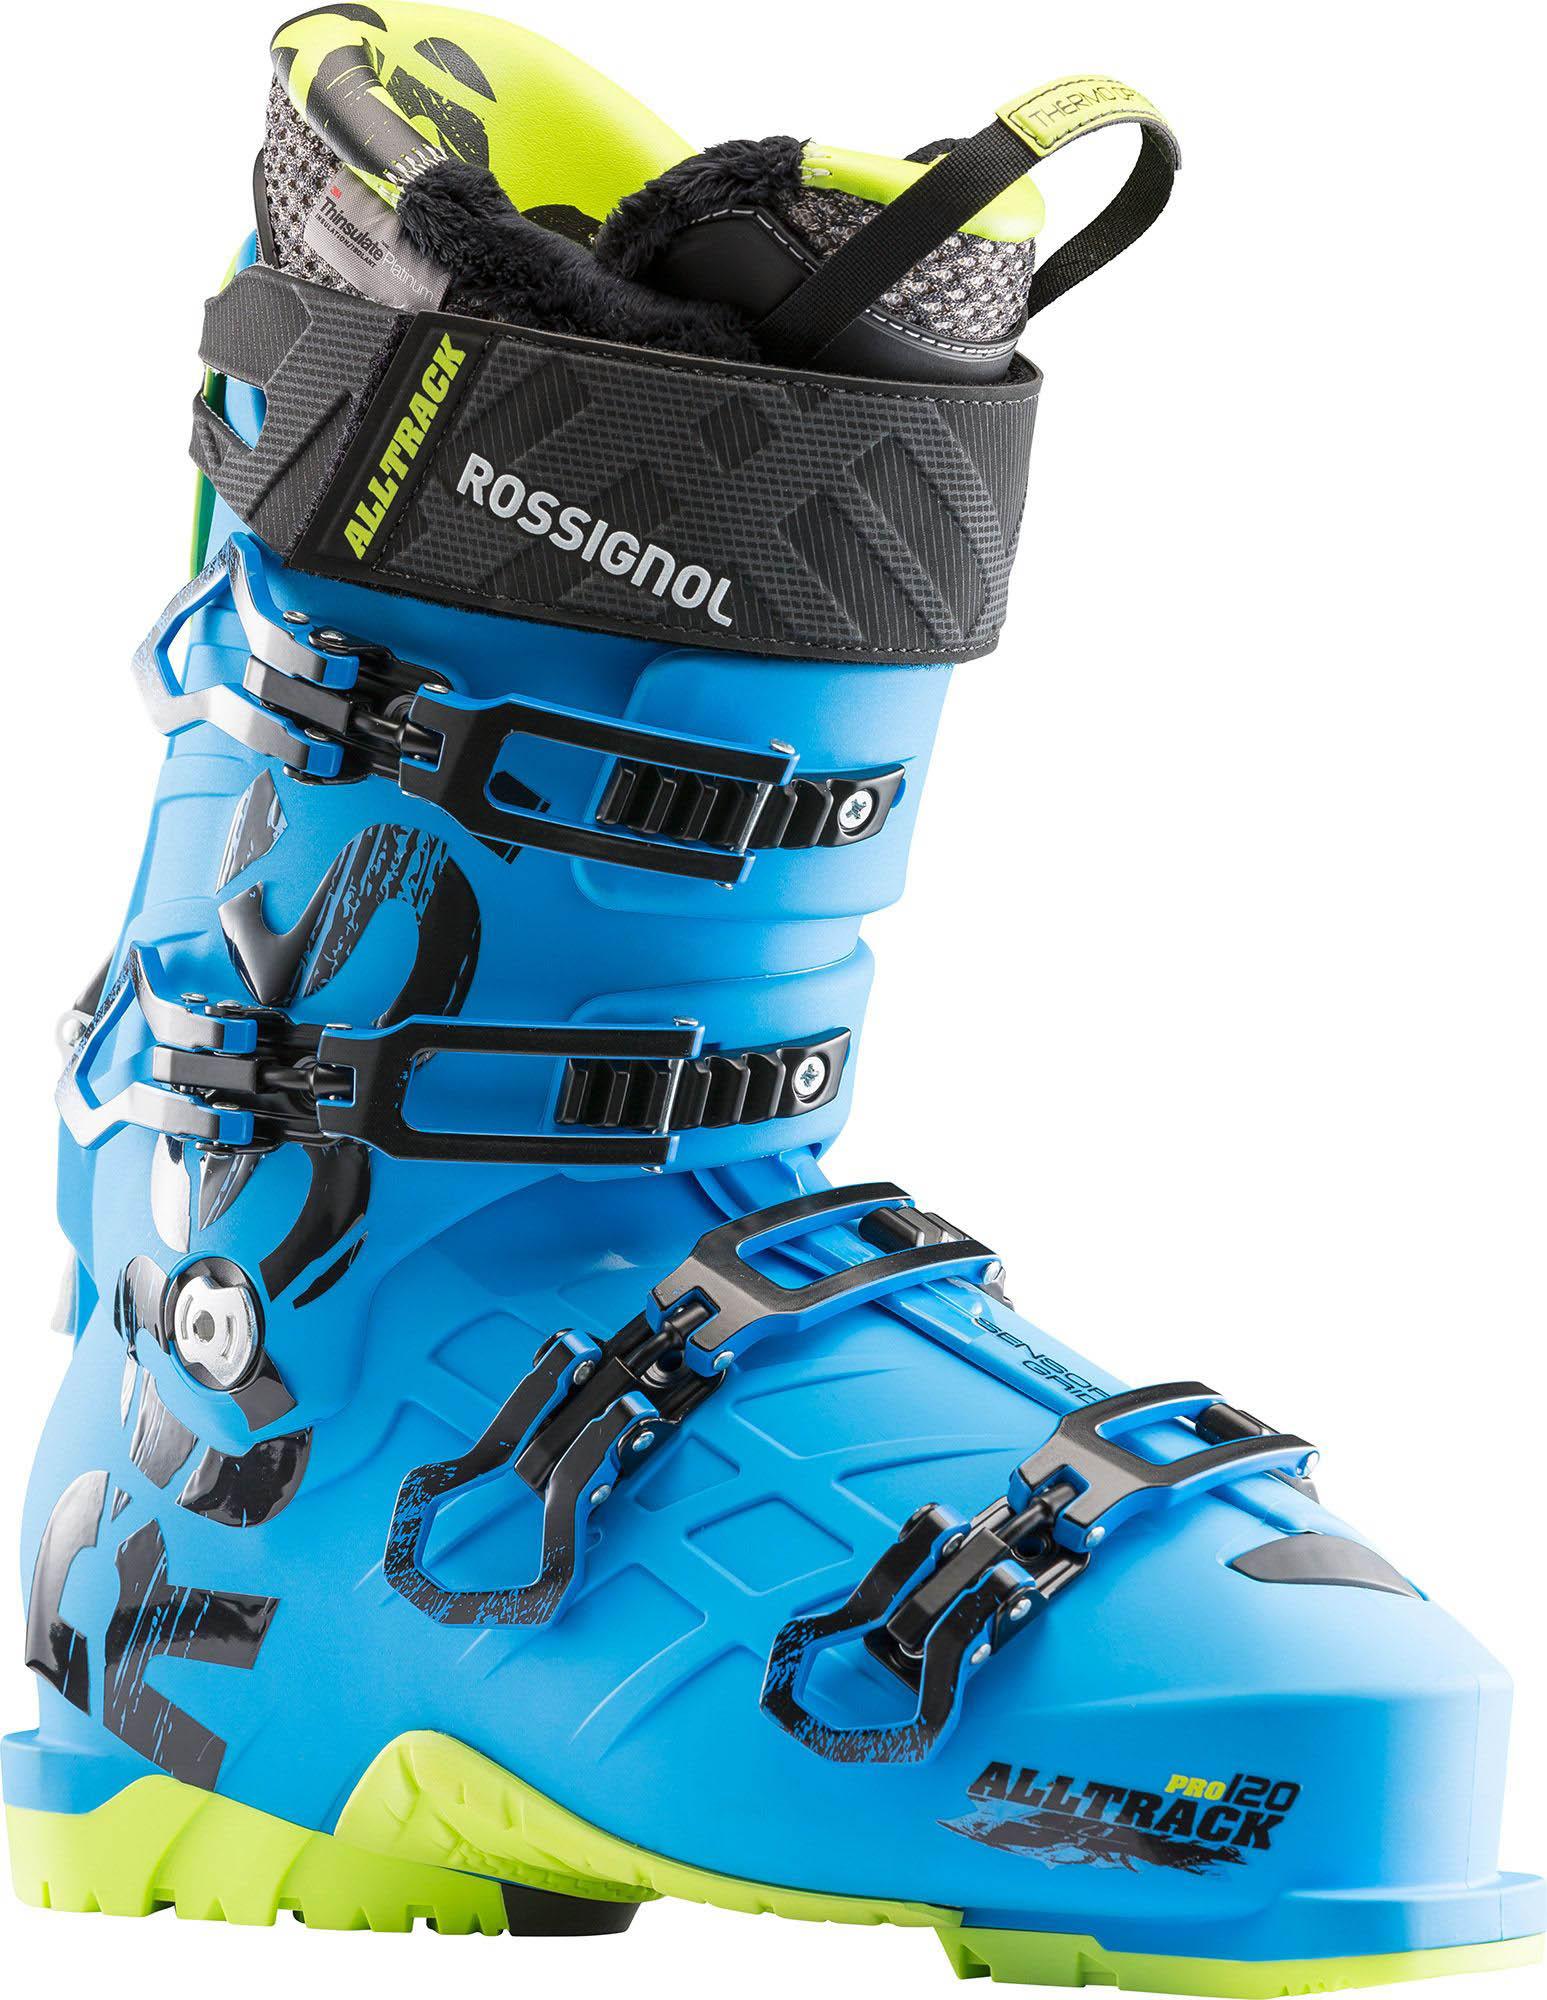 Rossignol Alltrack Pro 120 Ski Boots, 26/26.5 2019